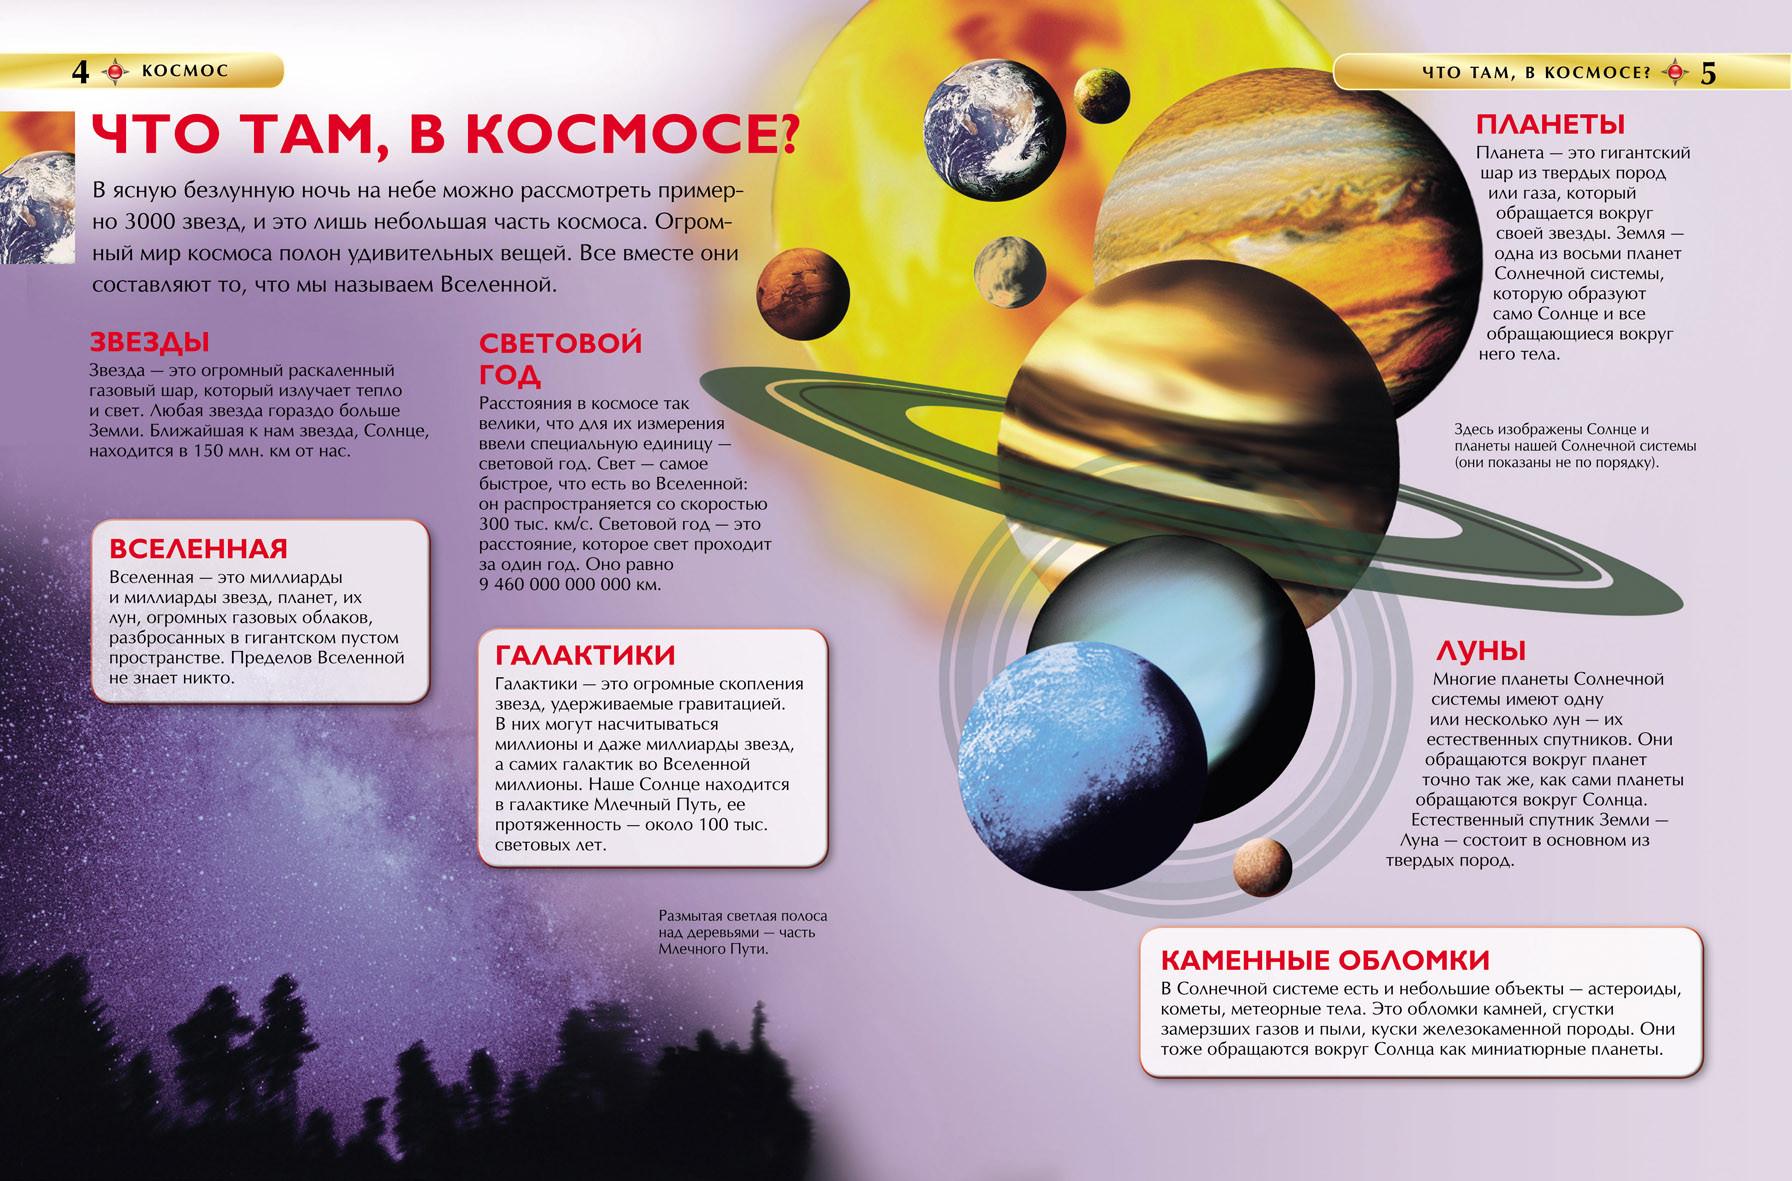 космос картинки и информация что-то всё белое